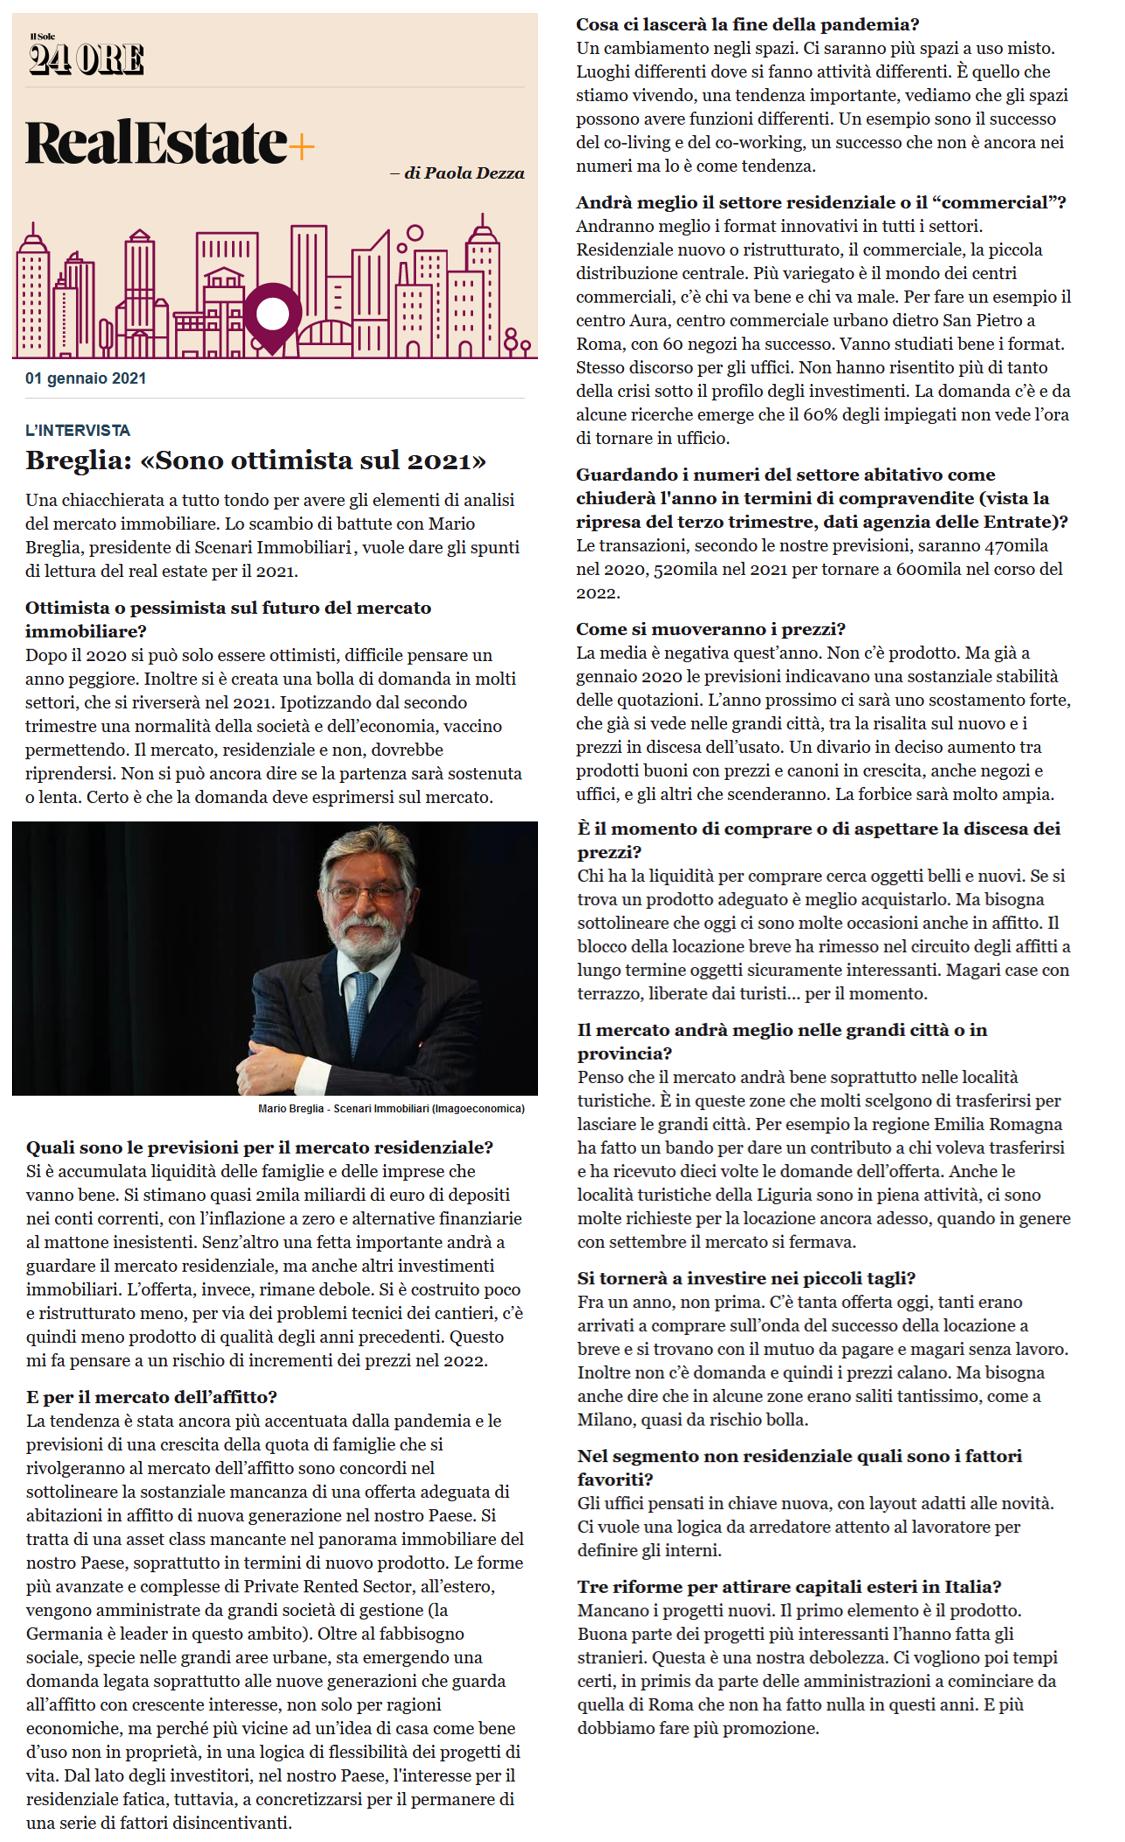 Mario Breglia intervista